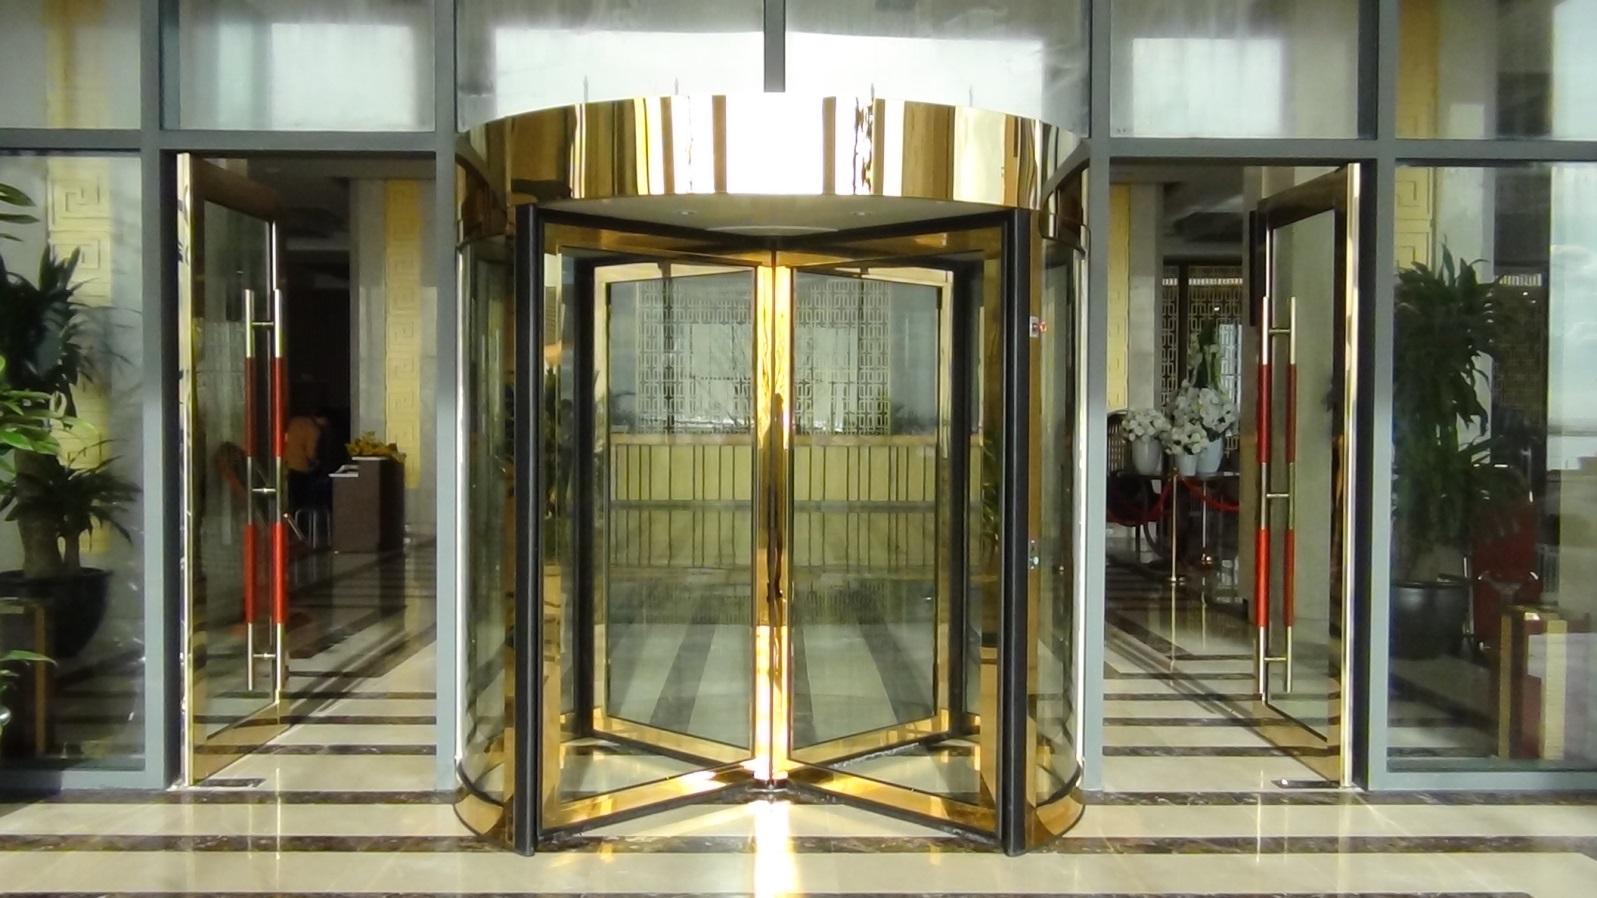 Bàn giao bộ cửa xoay KBB cho khách sạn Mường Thanh Nhật Lệ